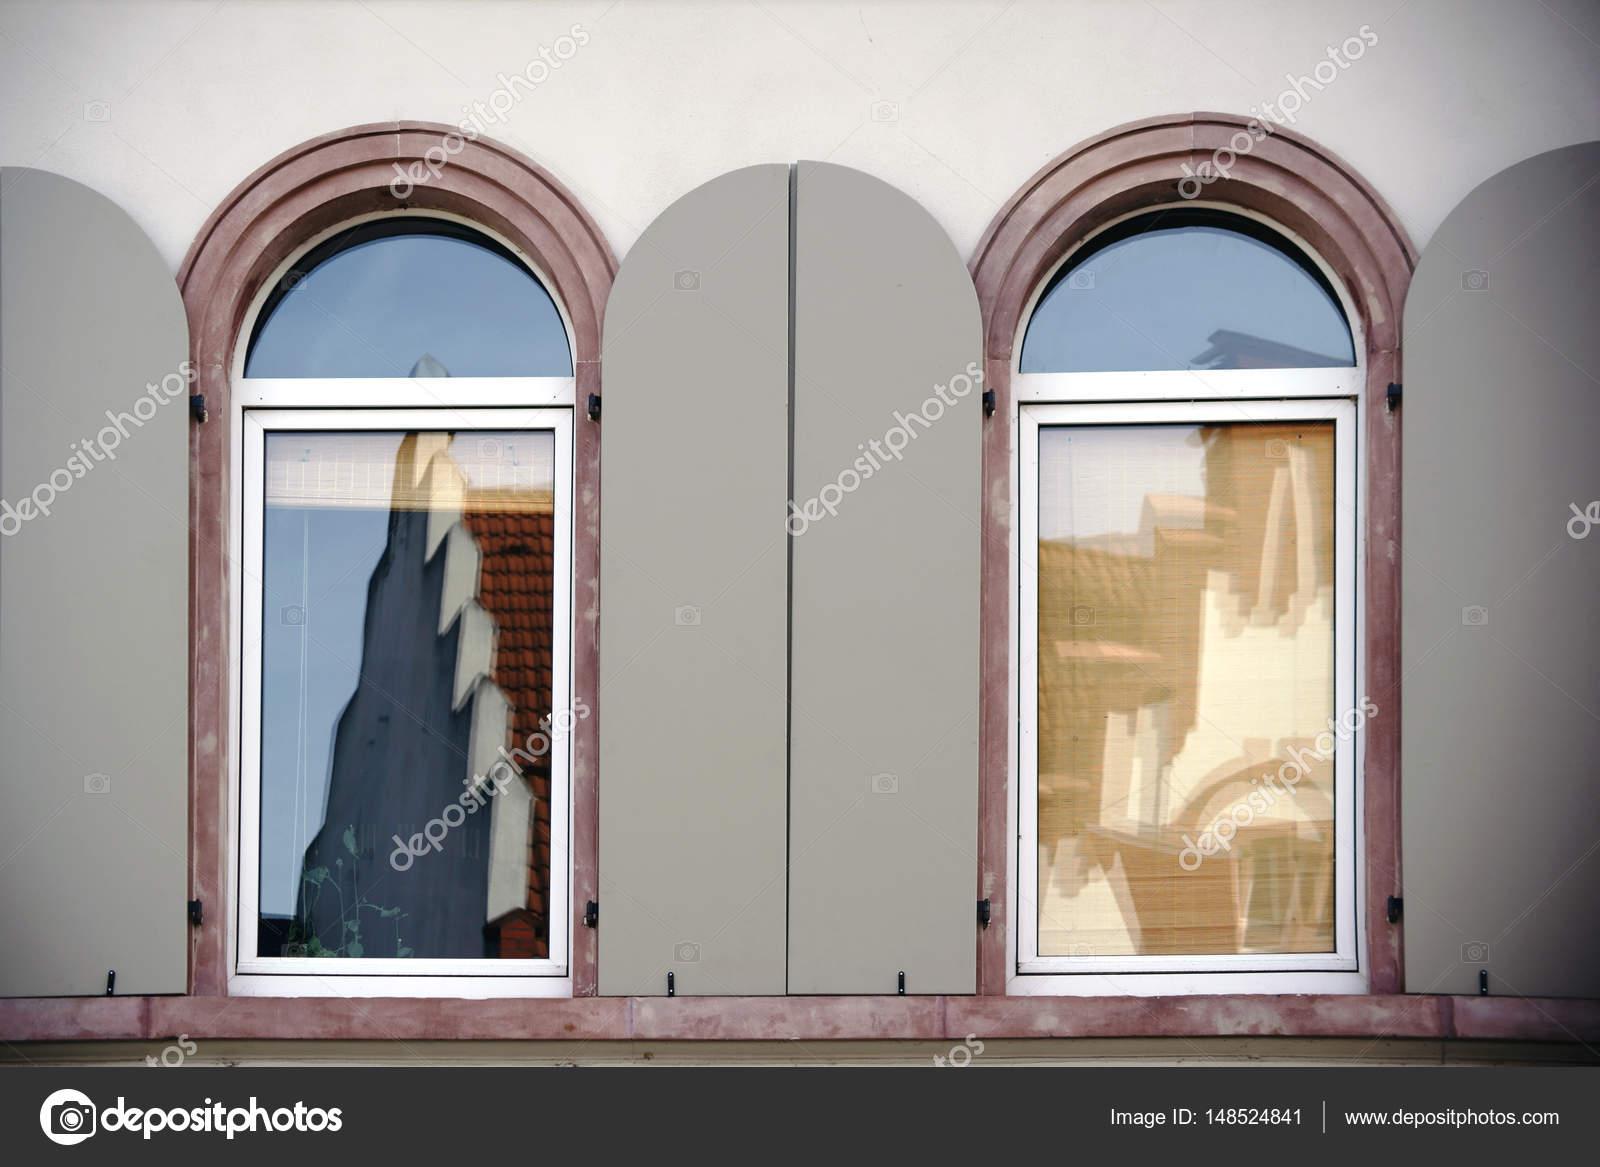 Finestre ad arco tonde con riflessi foto stock ginton - Finestre ad arco prezzi ...